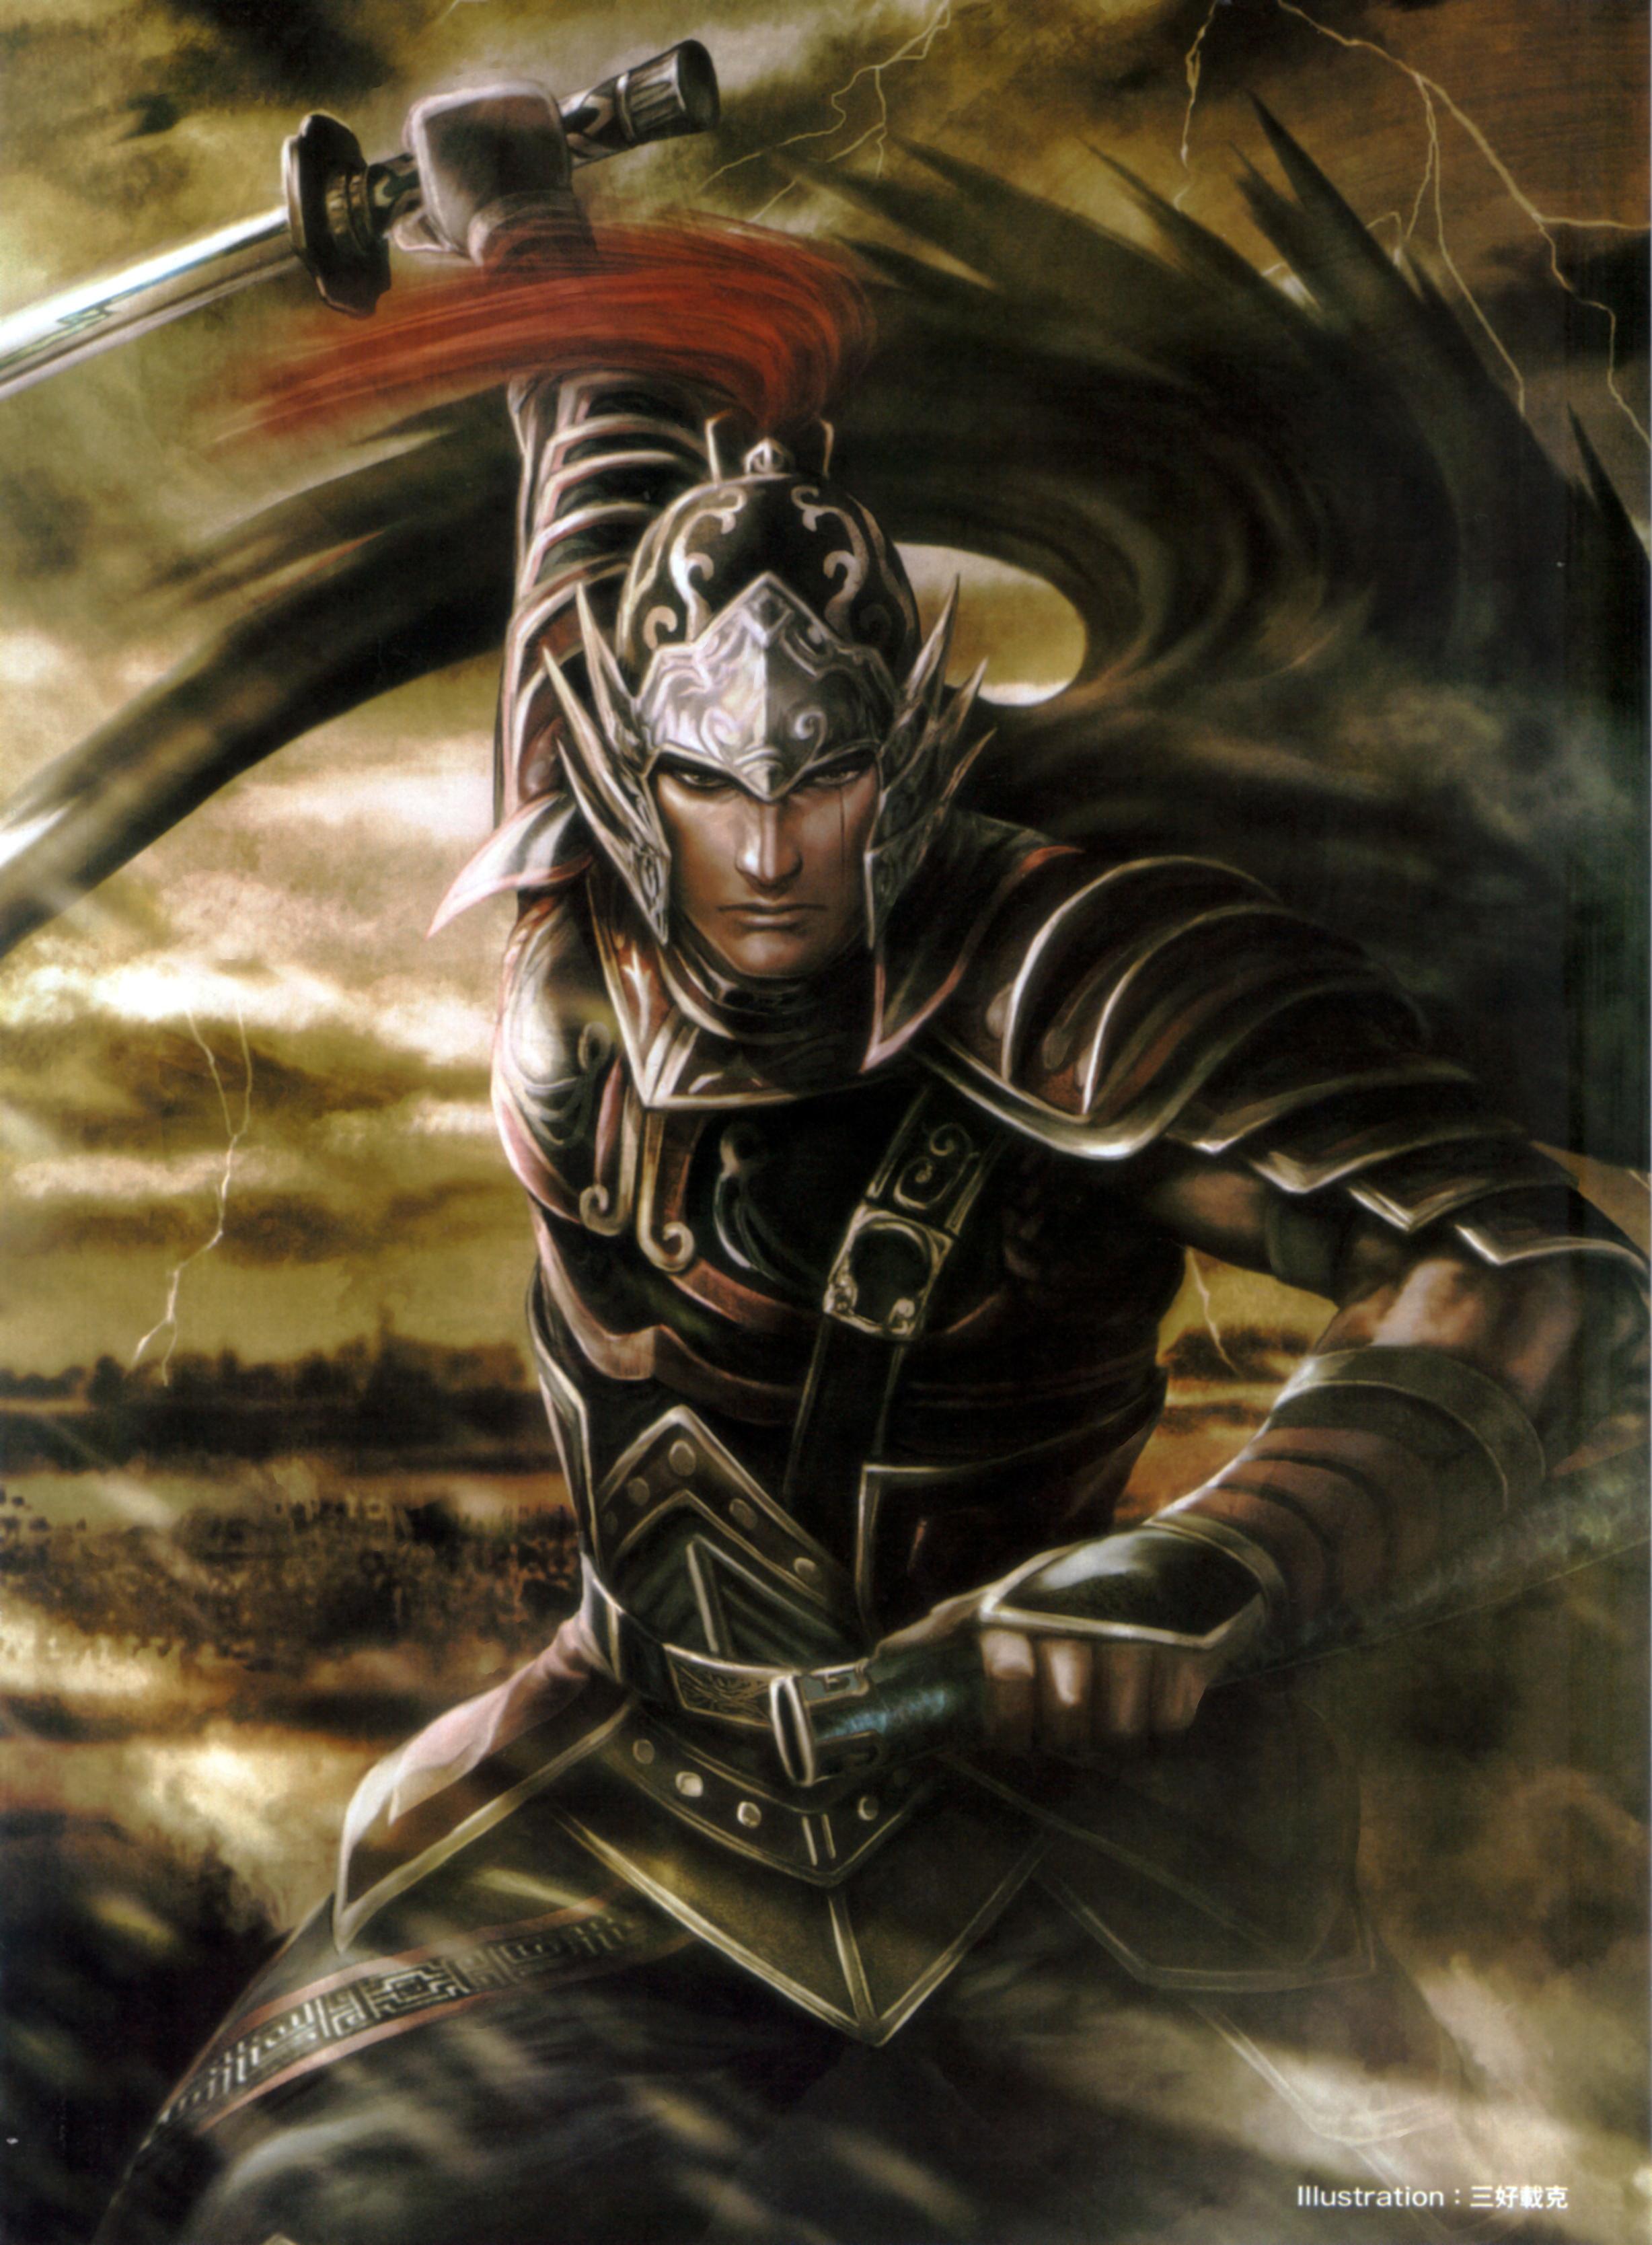 Drawn warrior zhou dynasty Avenger Kingdom Dark Tai] Skin